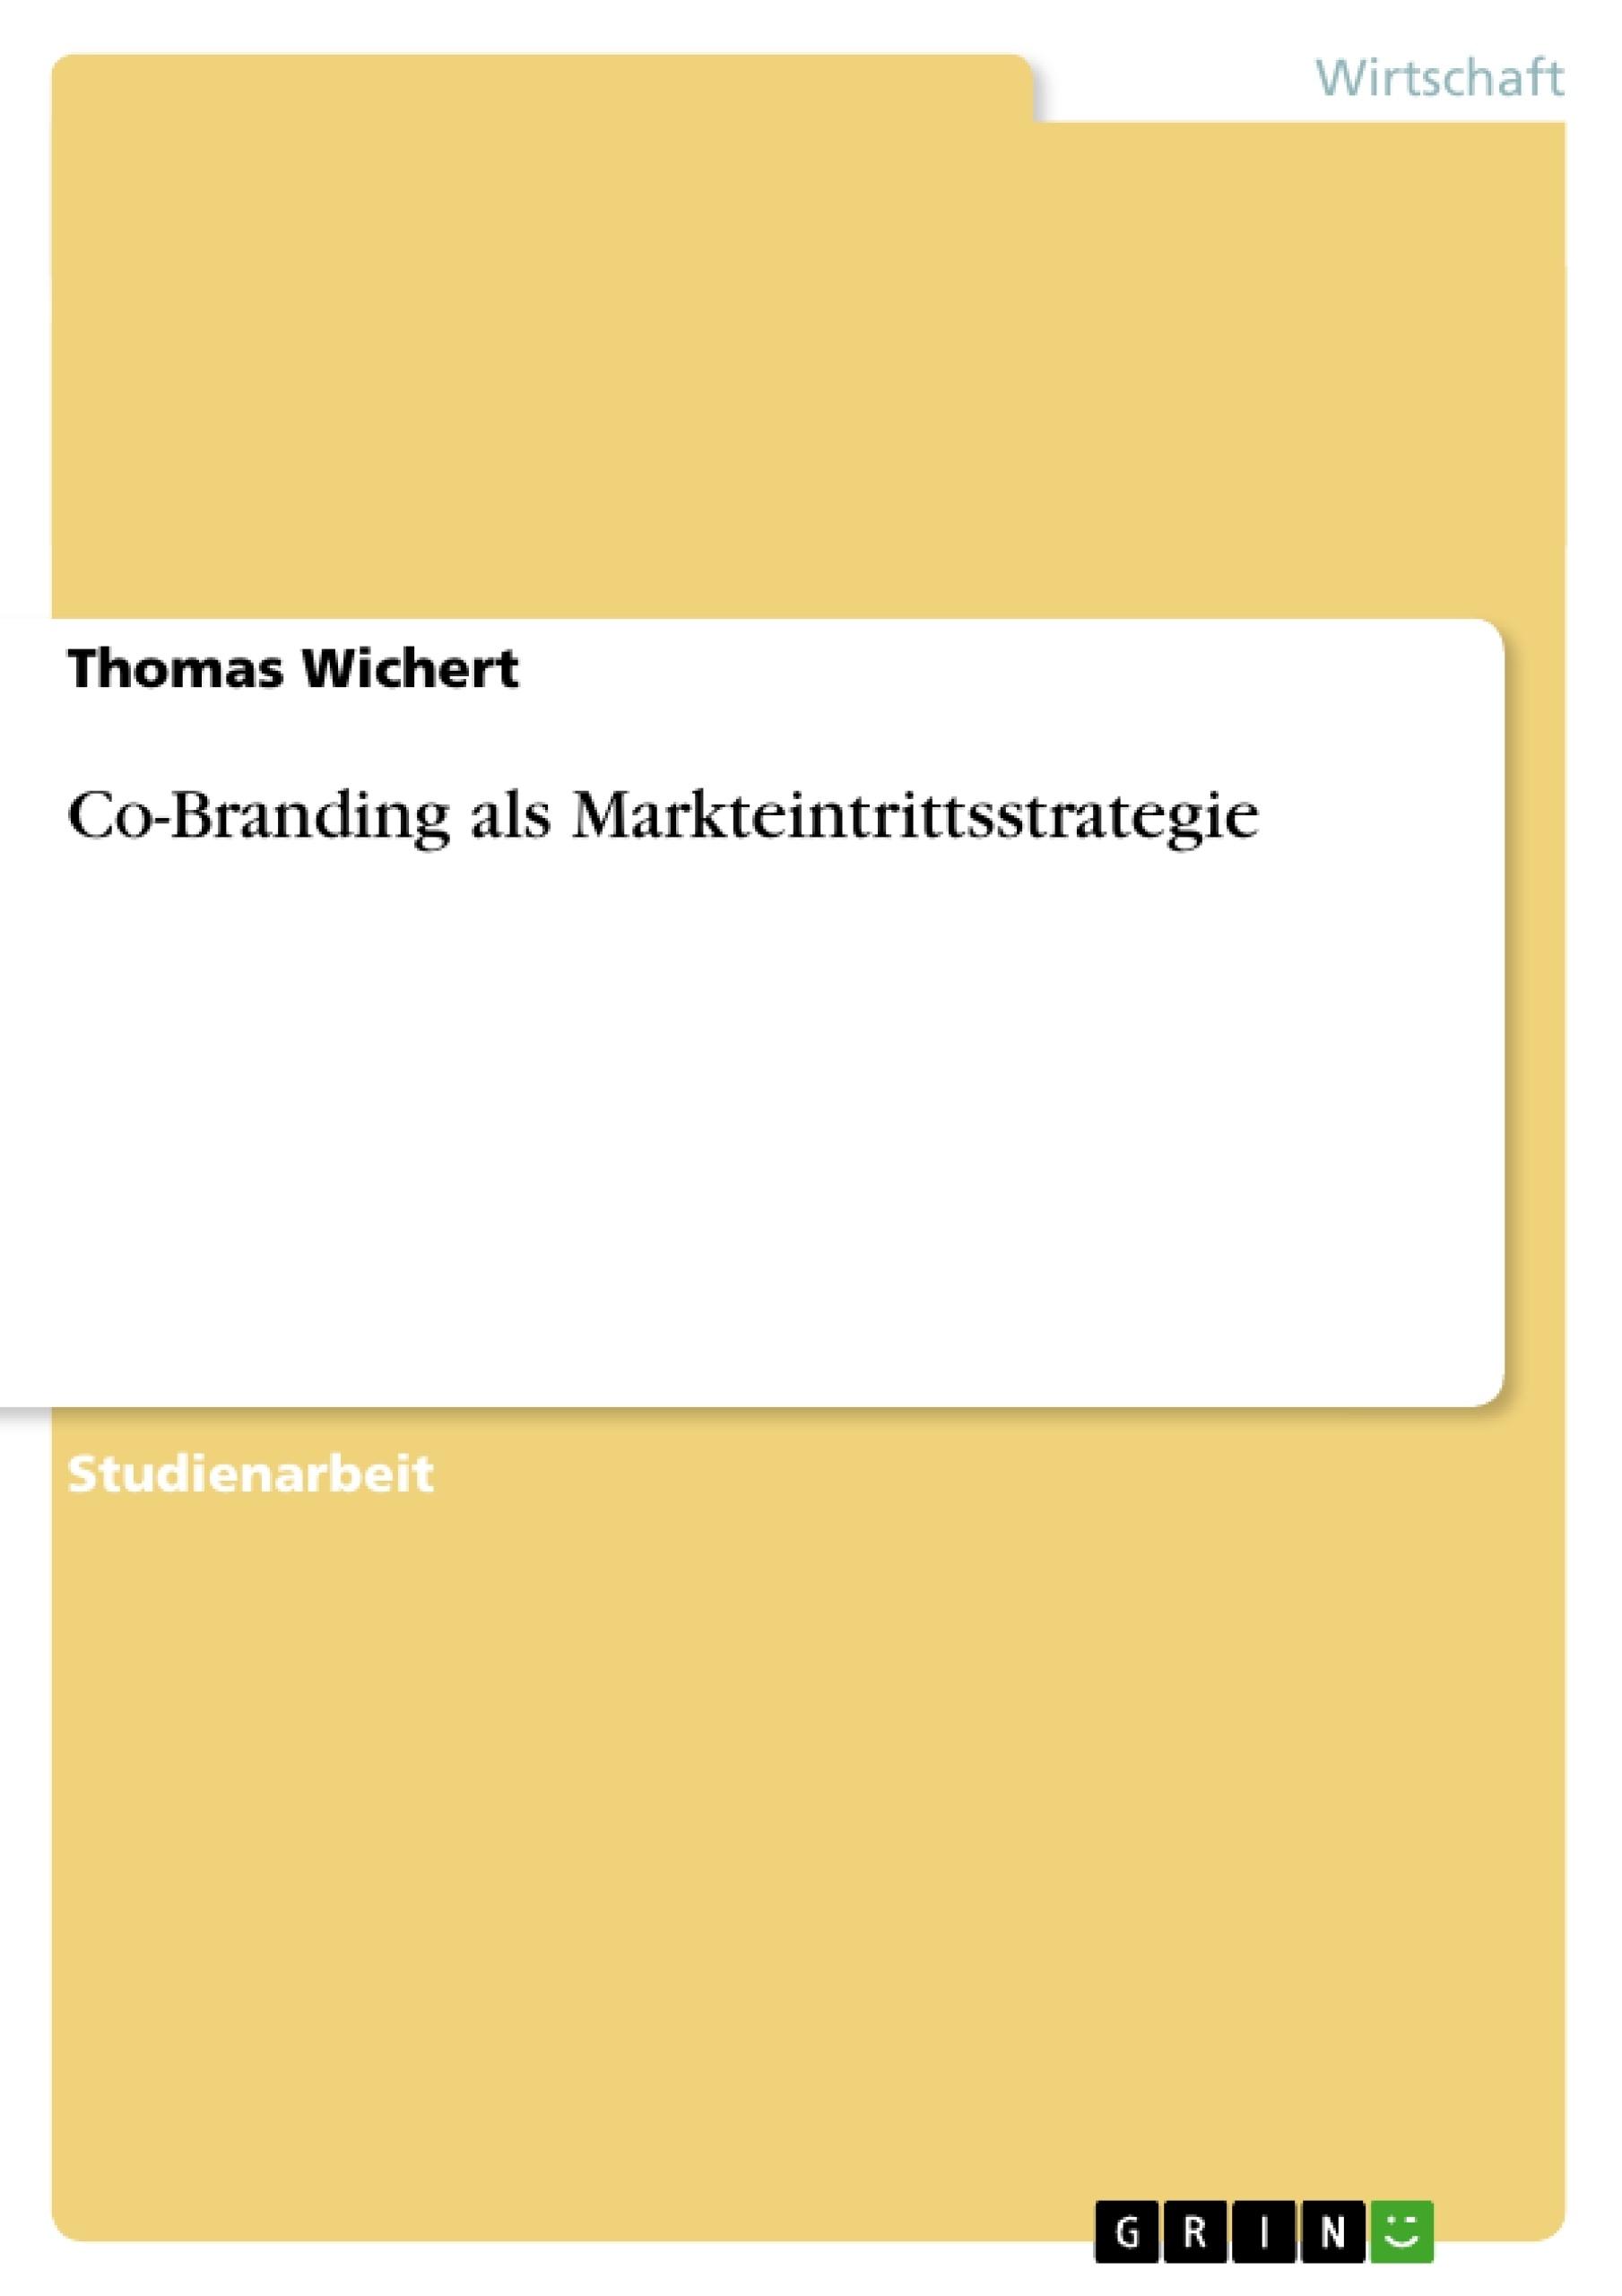 Titel: Co-Branding als Markteintrittsstrategie